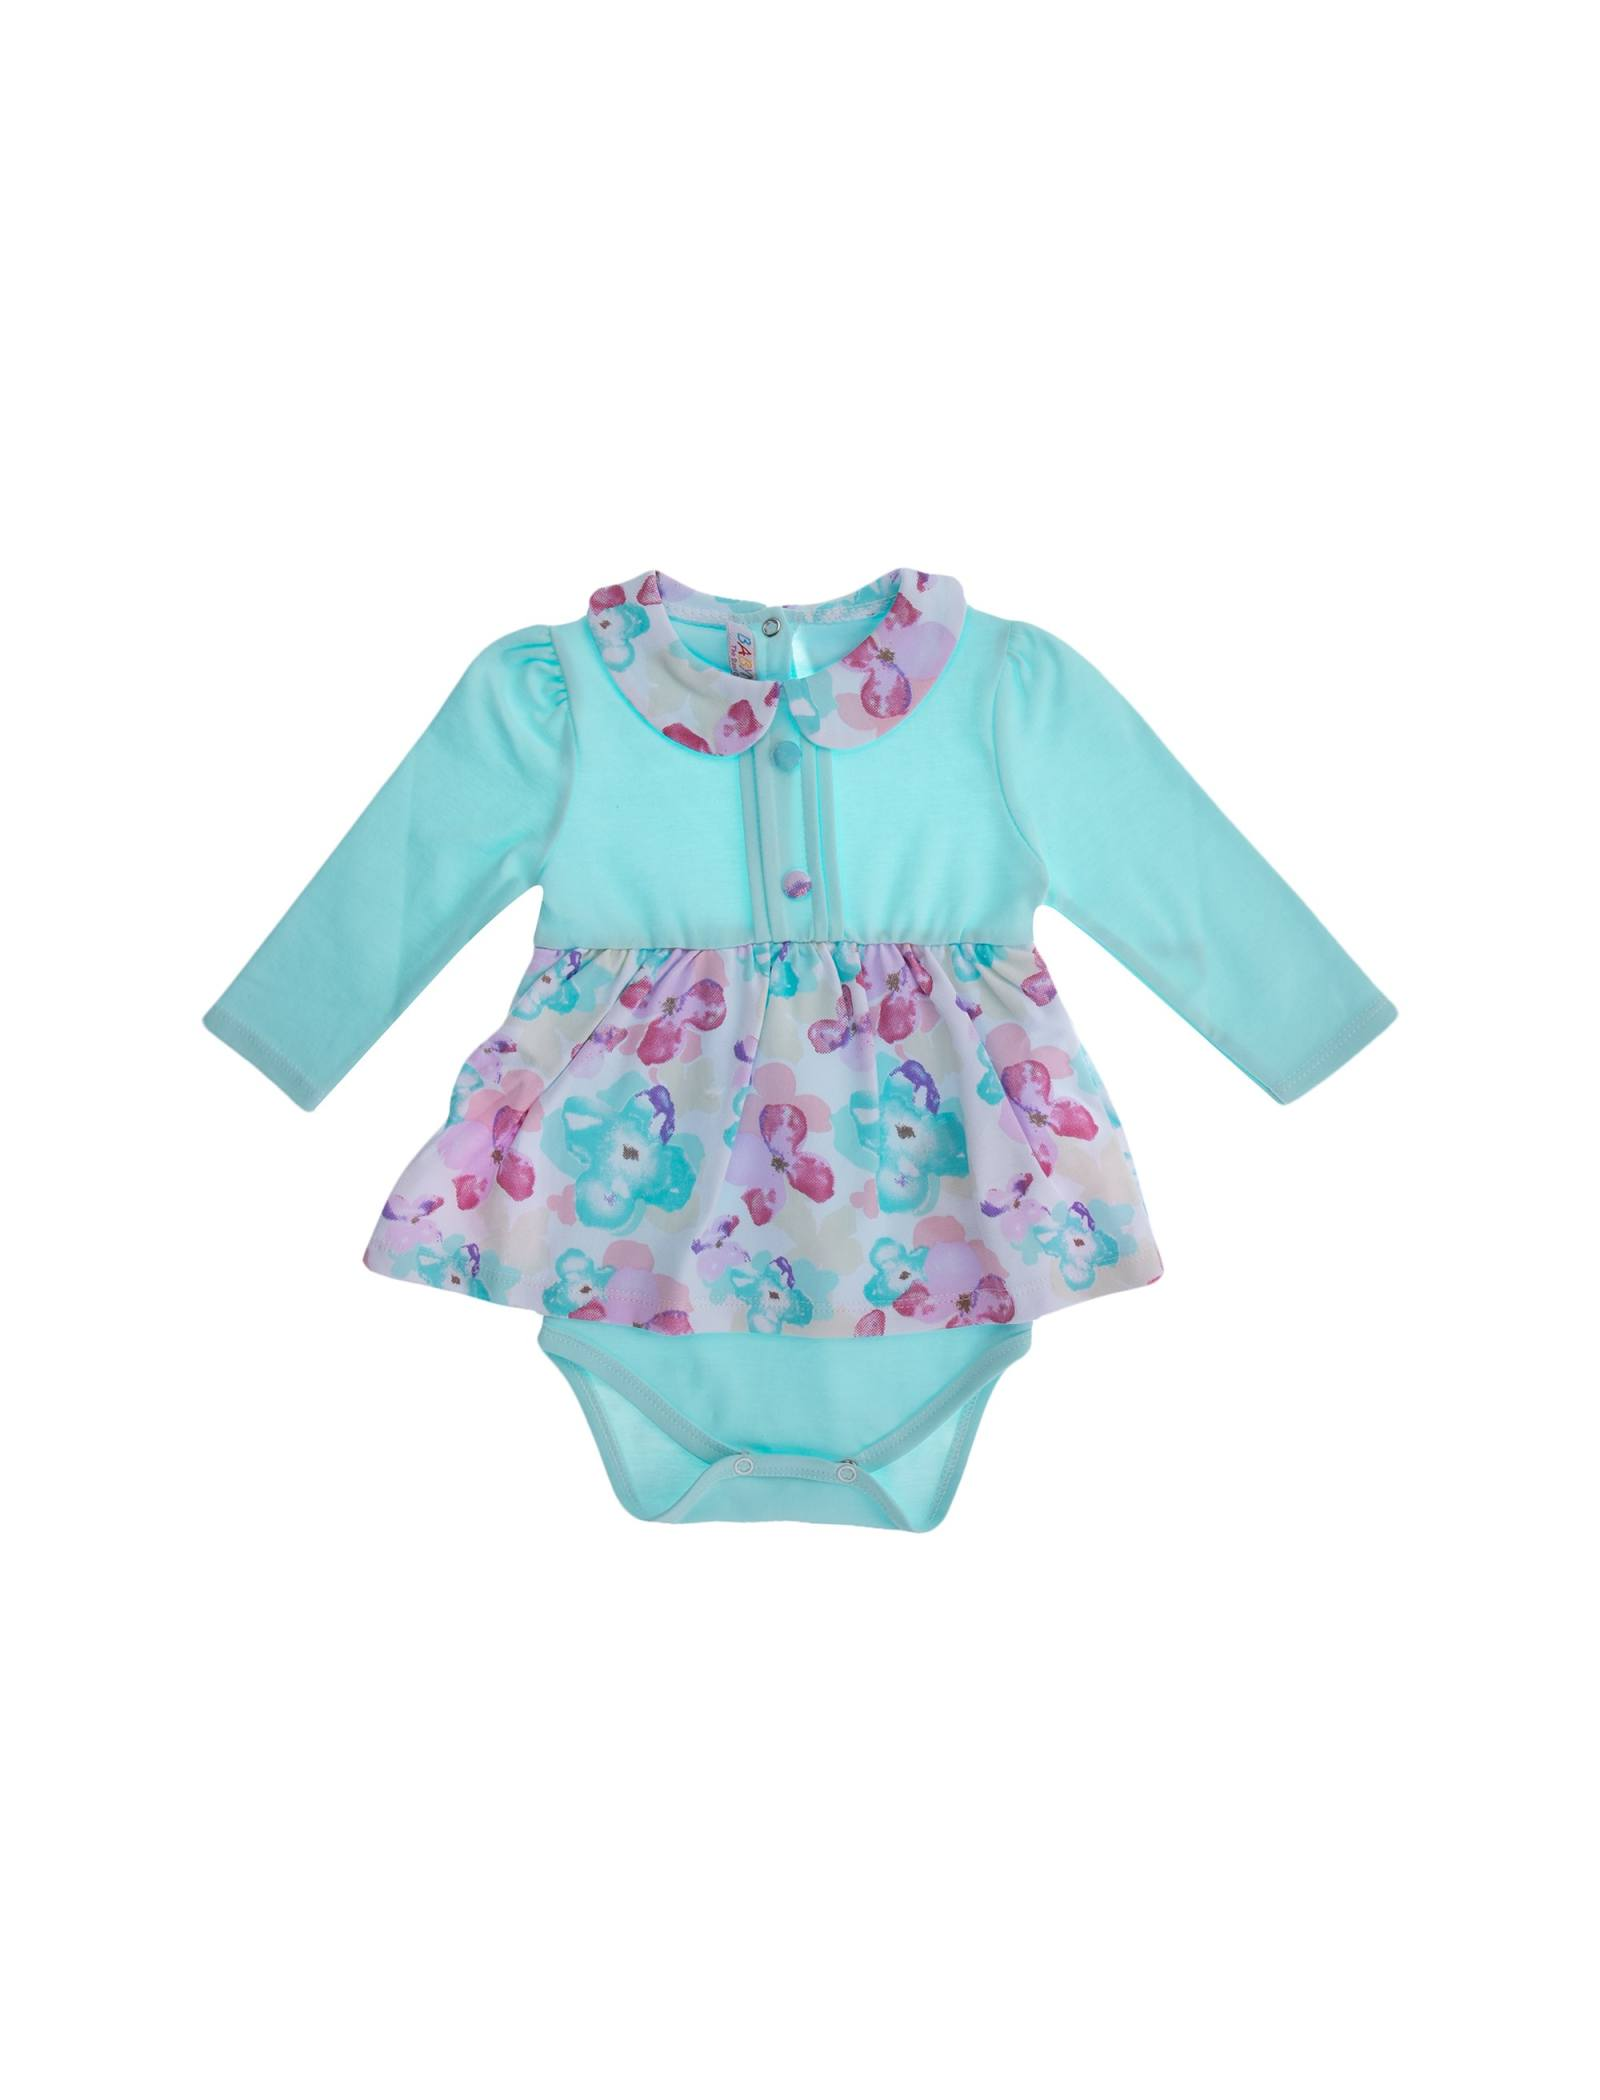 پیراهن نخی آستین بلند نوزادی دخترانه - بی بی ناز - چند رنگ - 4